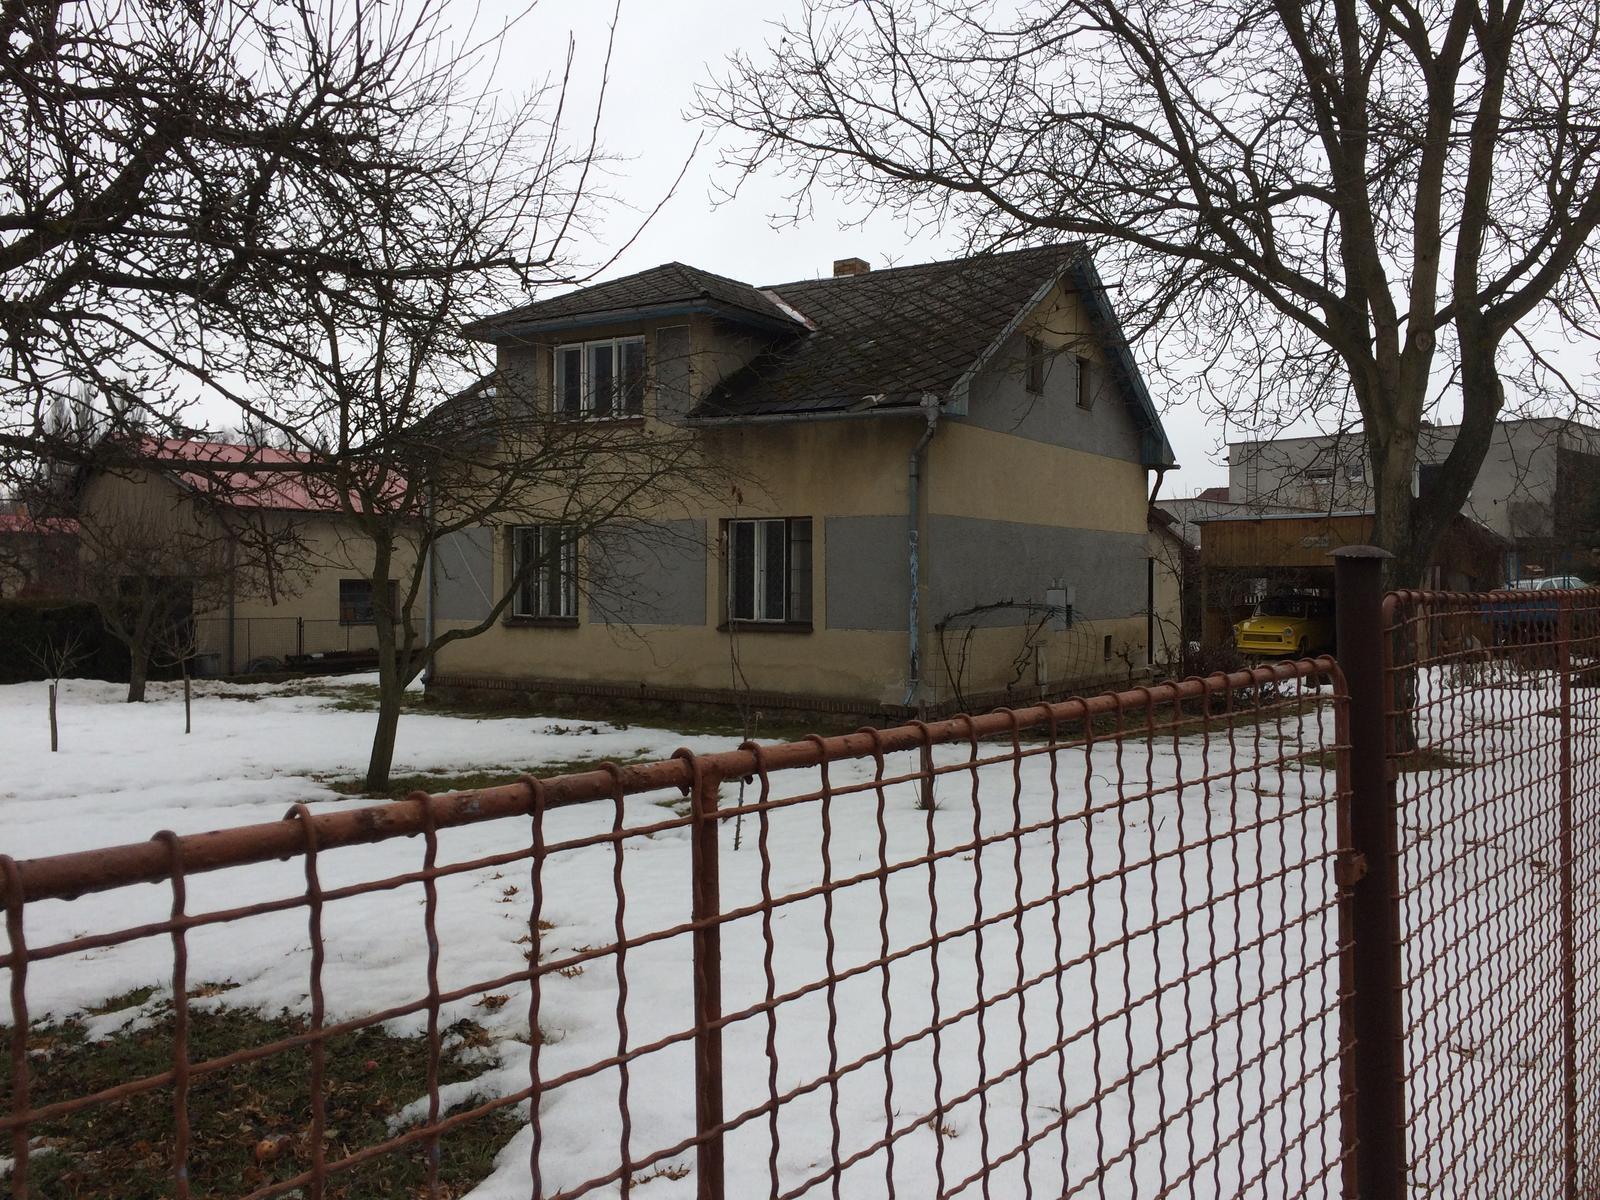 Stavíme si náš sen - únor 2017 - kupujeme pozemek s tím, že původní baráček půjde pryč a postavíme si bungalov